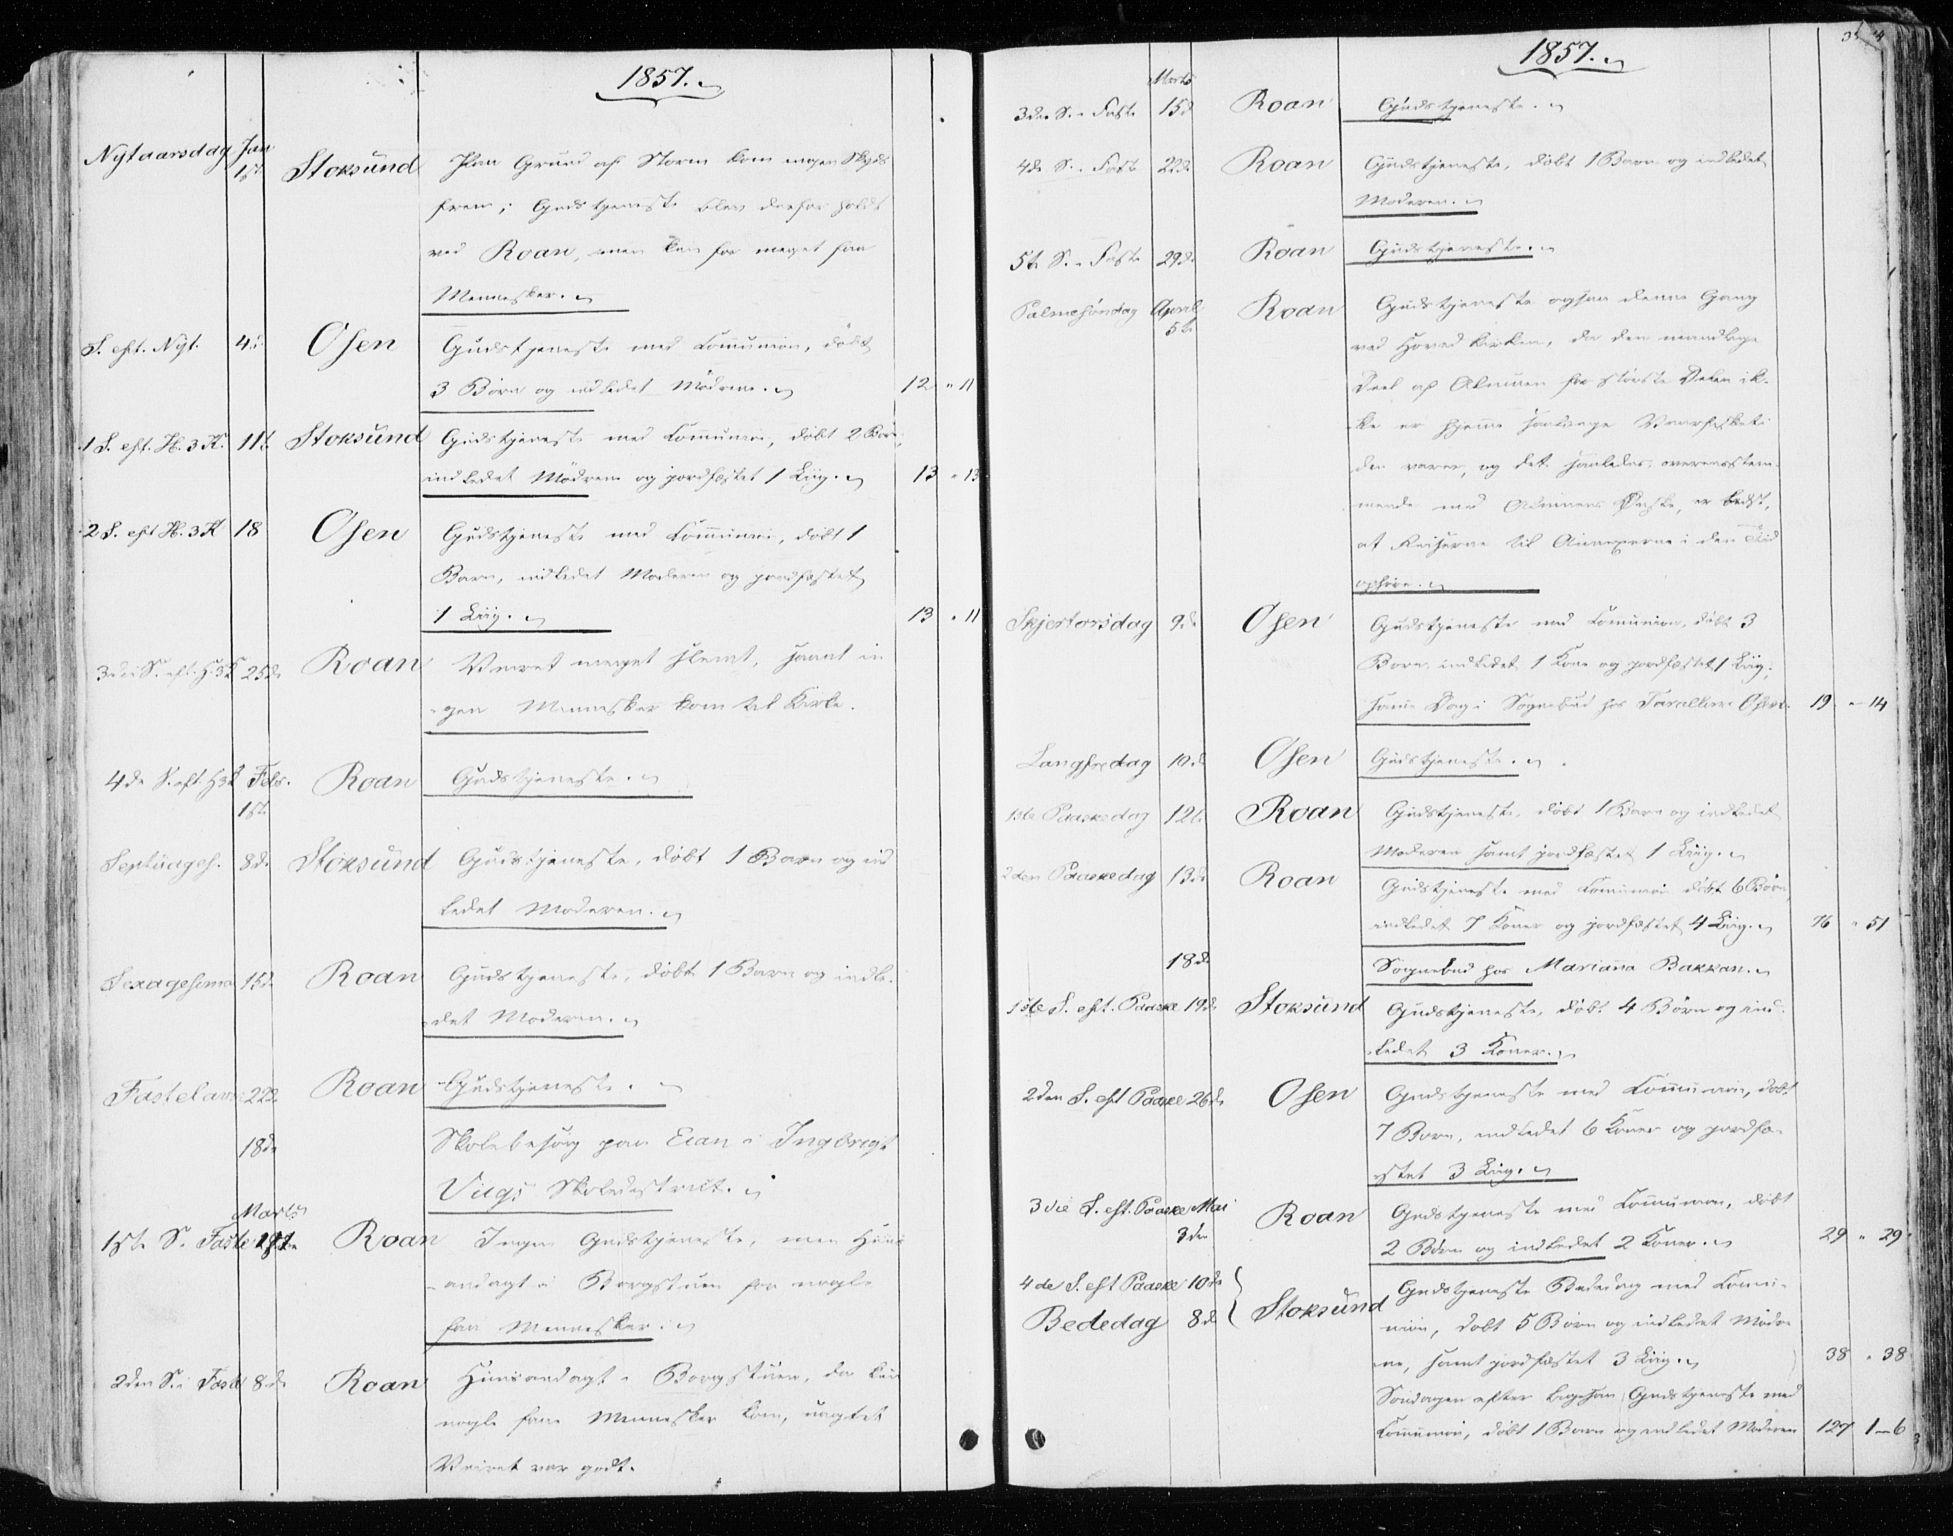 SAT, Ministerialprotokoller, klokkerbøker og fødselsregistre - Sør-Trøndelag, 657/L0704: Ministerialbok nr. 657A05, 1846-1857, s. 373